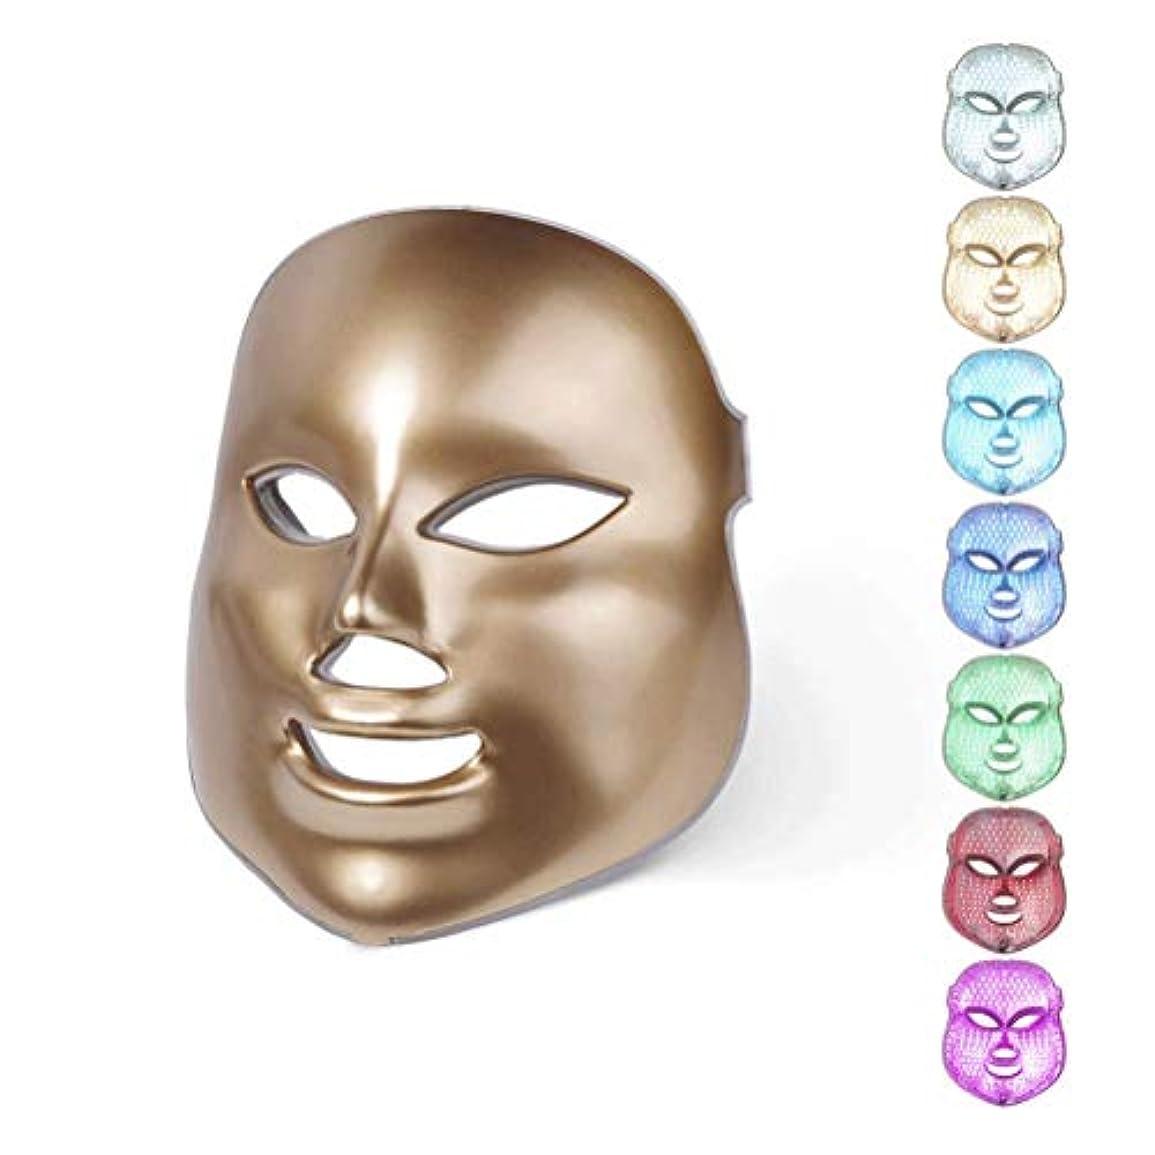 壮大調和のとれたジェット7カラーライトセラピーフェイスマスクは、LEDライトフェイスフォトンは、にきび削減リンクル肌の若返りのために毛穴スキンケアセラピー?フェイシャル美容サロンPDT技術を締めマスク